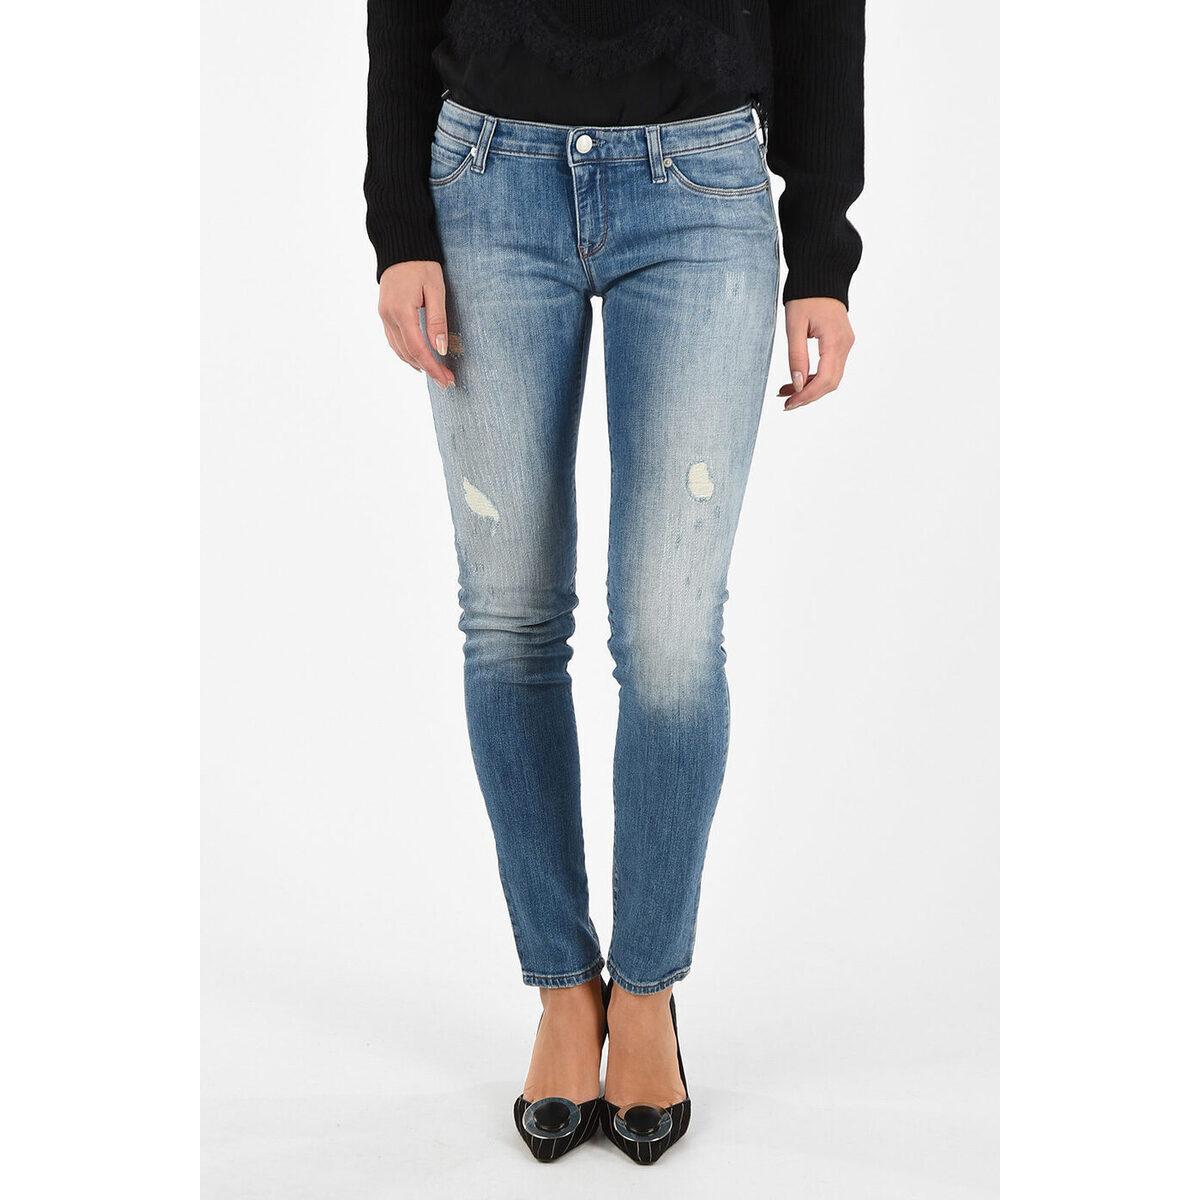 ボトムス, パンツ ARMANI JEANS Blue ARMANI JEANS Skinny Fit LOTUS Jeans dk